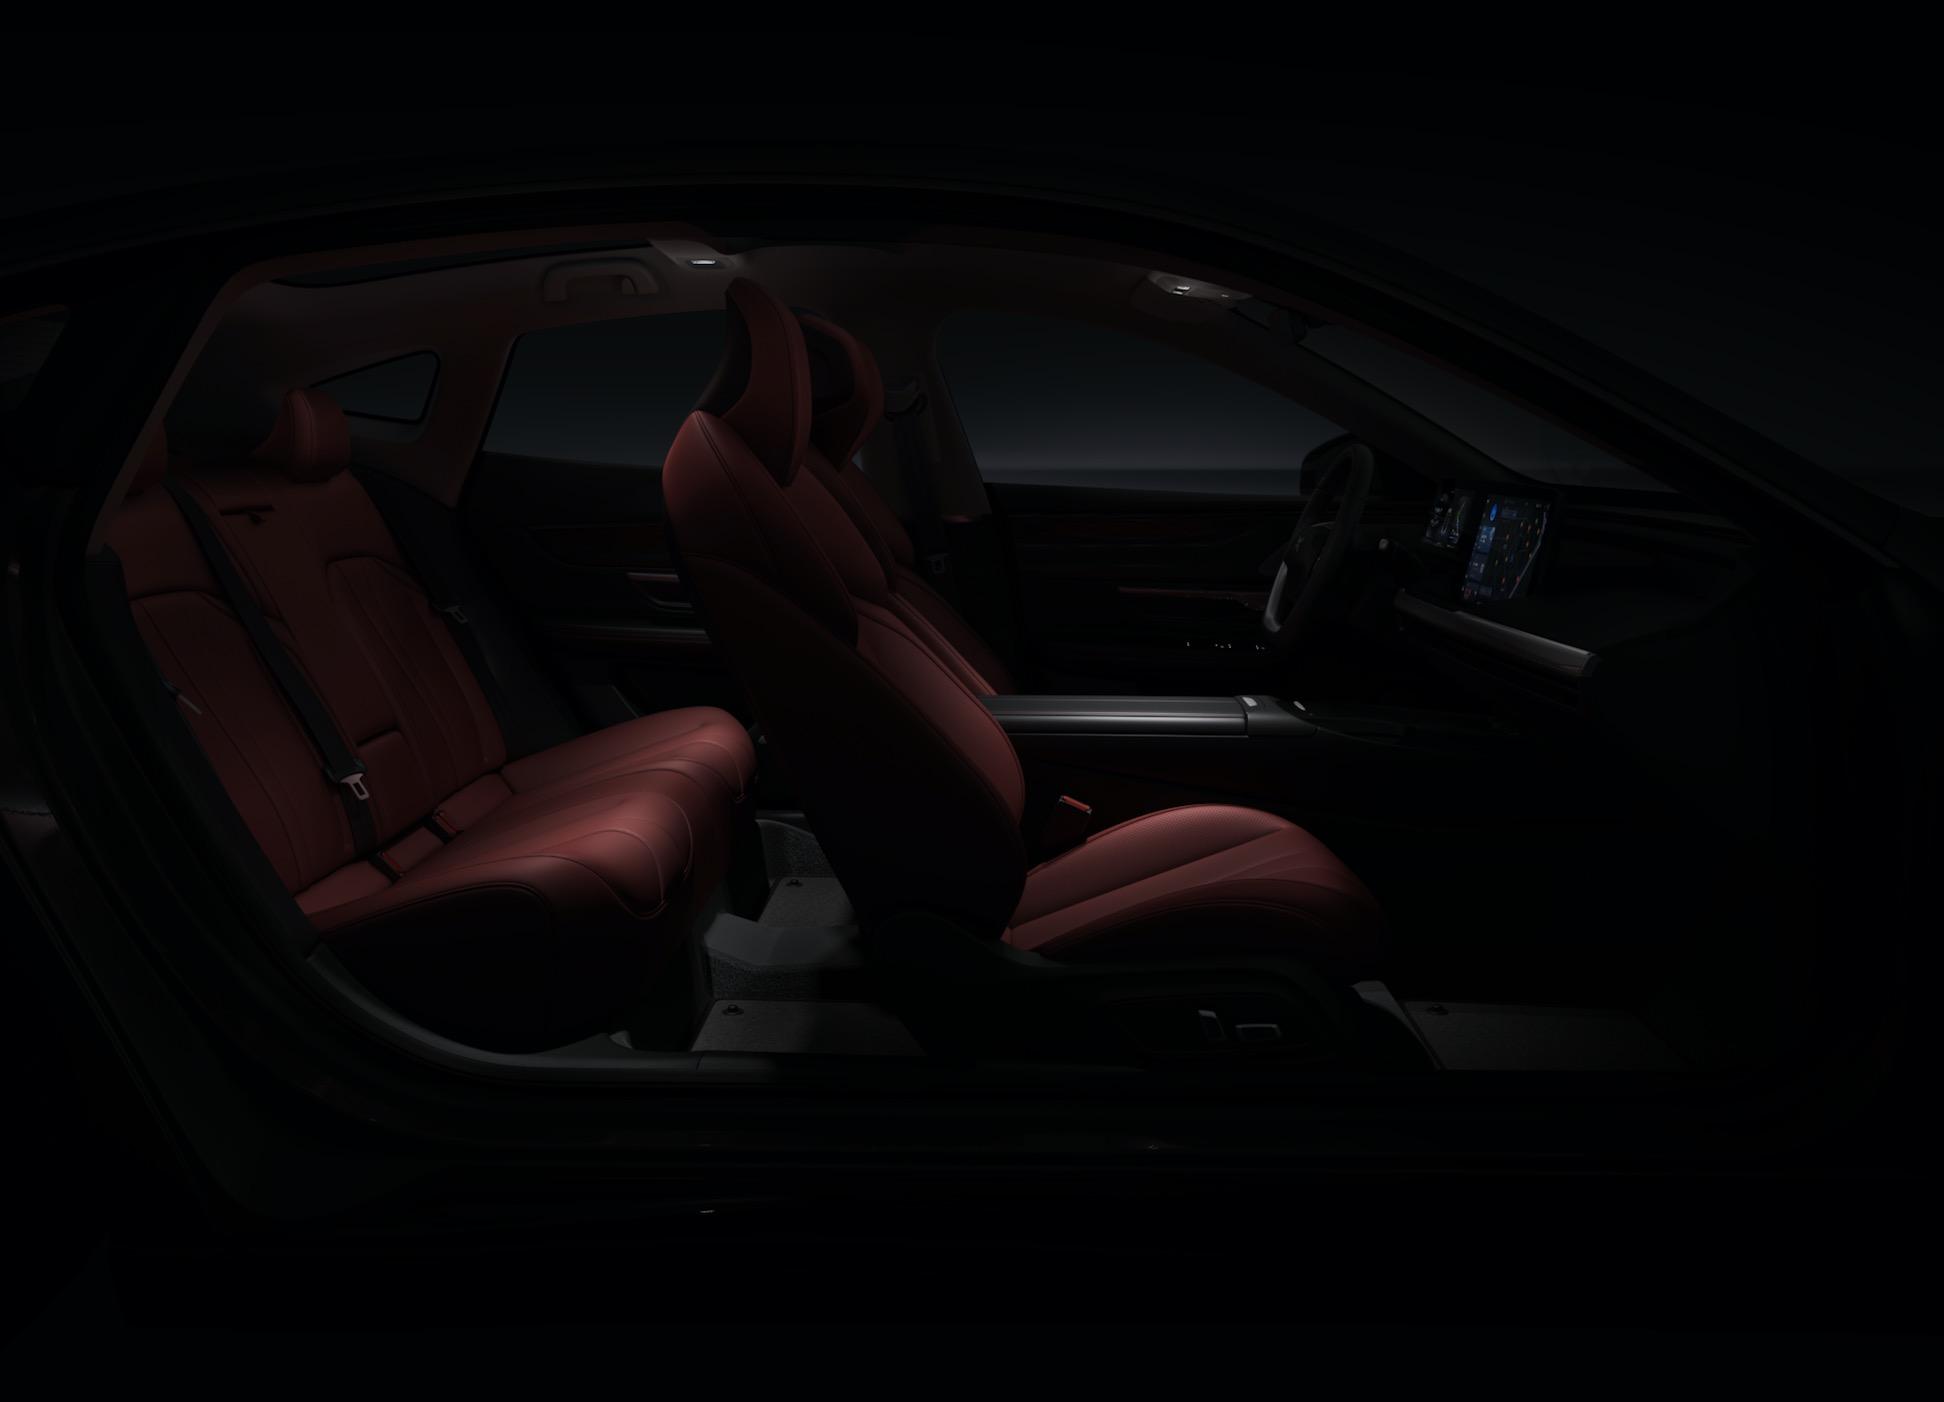 Elektroauto: Xpeng P7 wird ausgeliefert - Xpeng P7 (Bild: Xpeng)